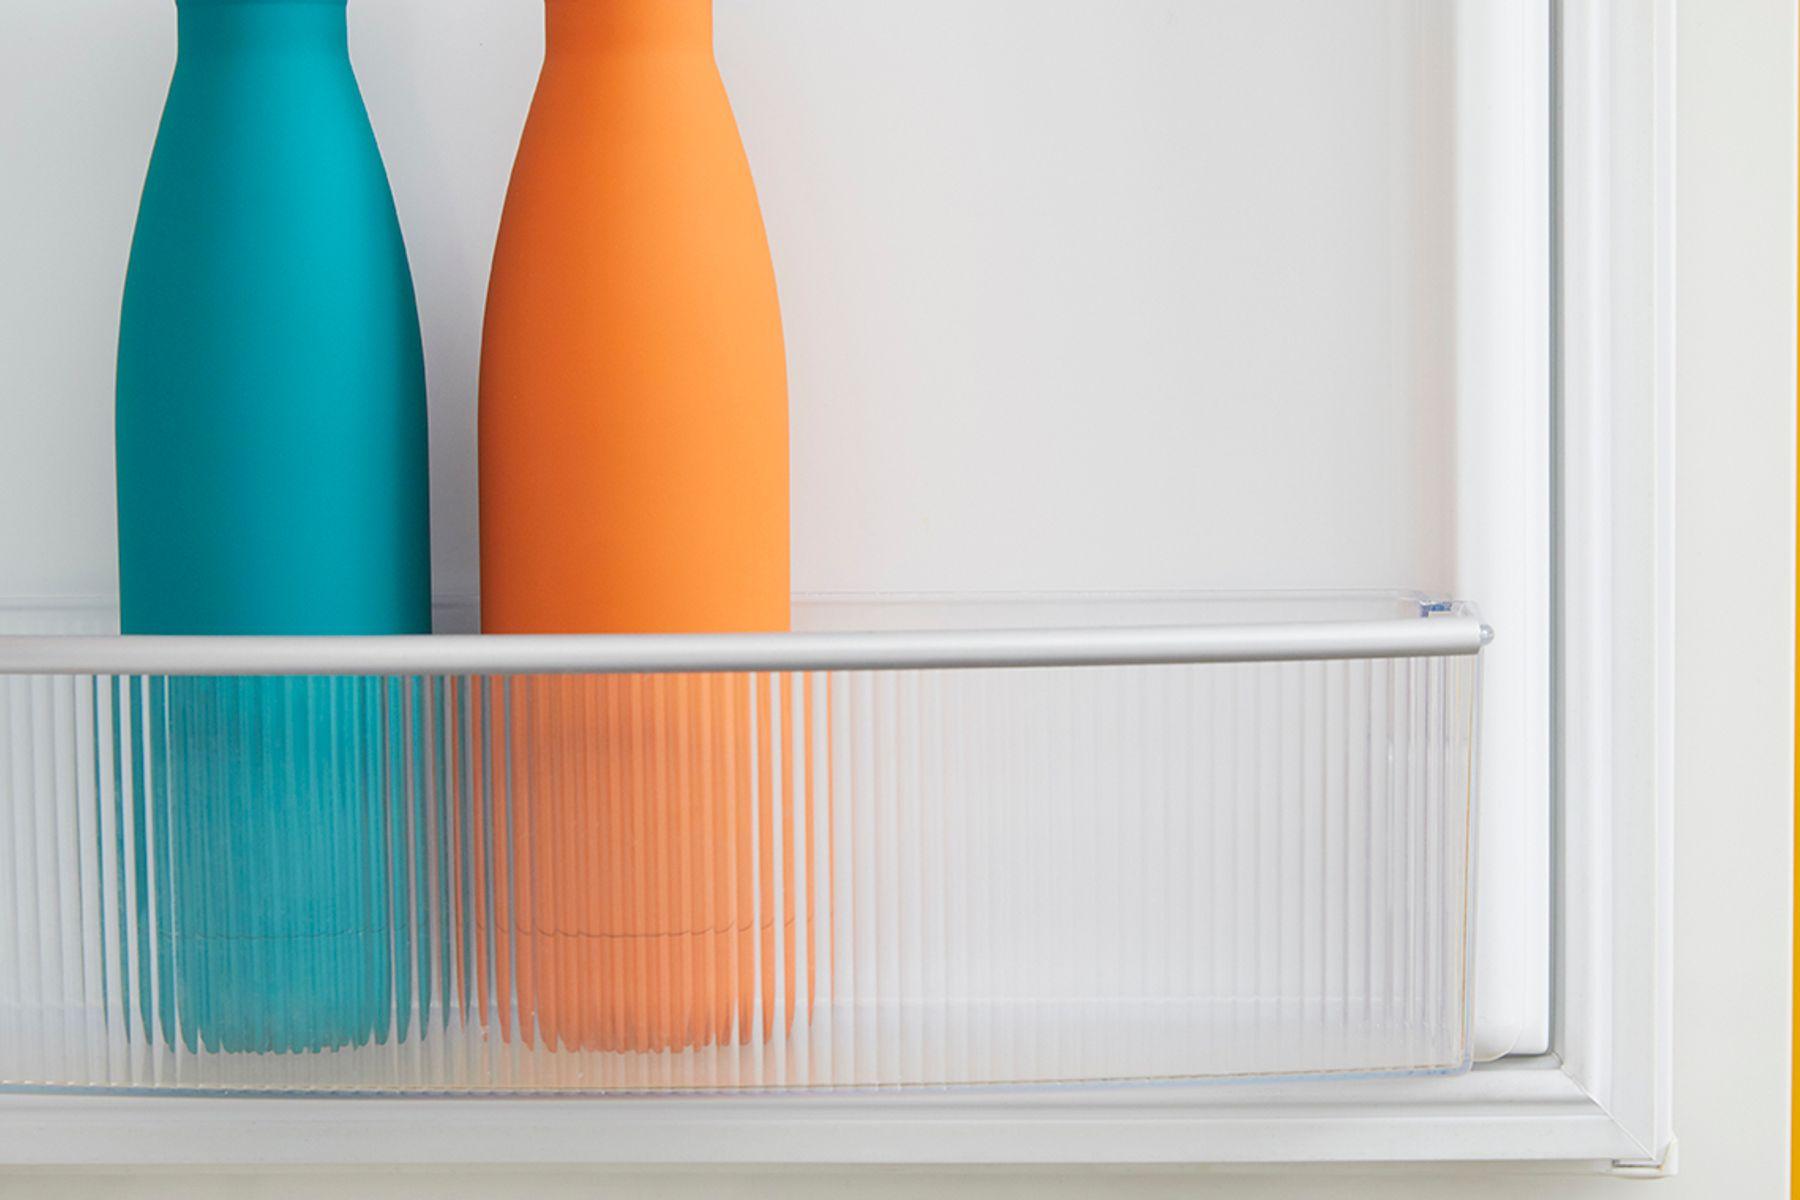 two water bottles in a fridge